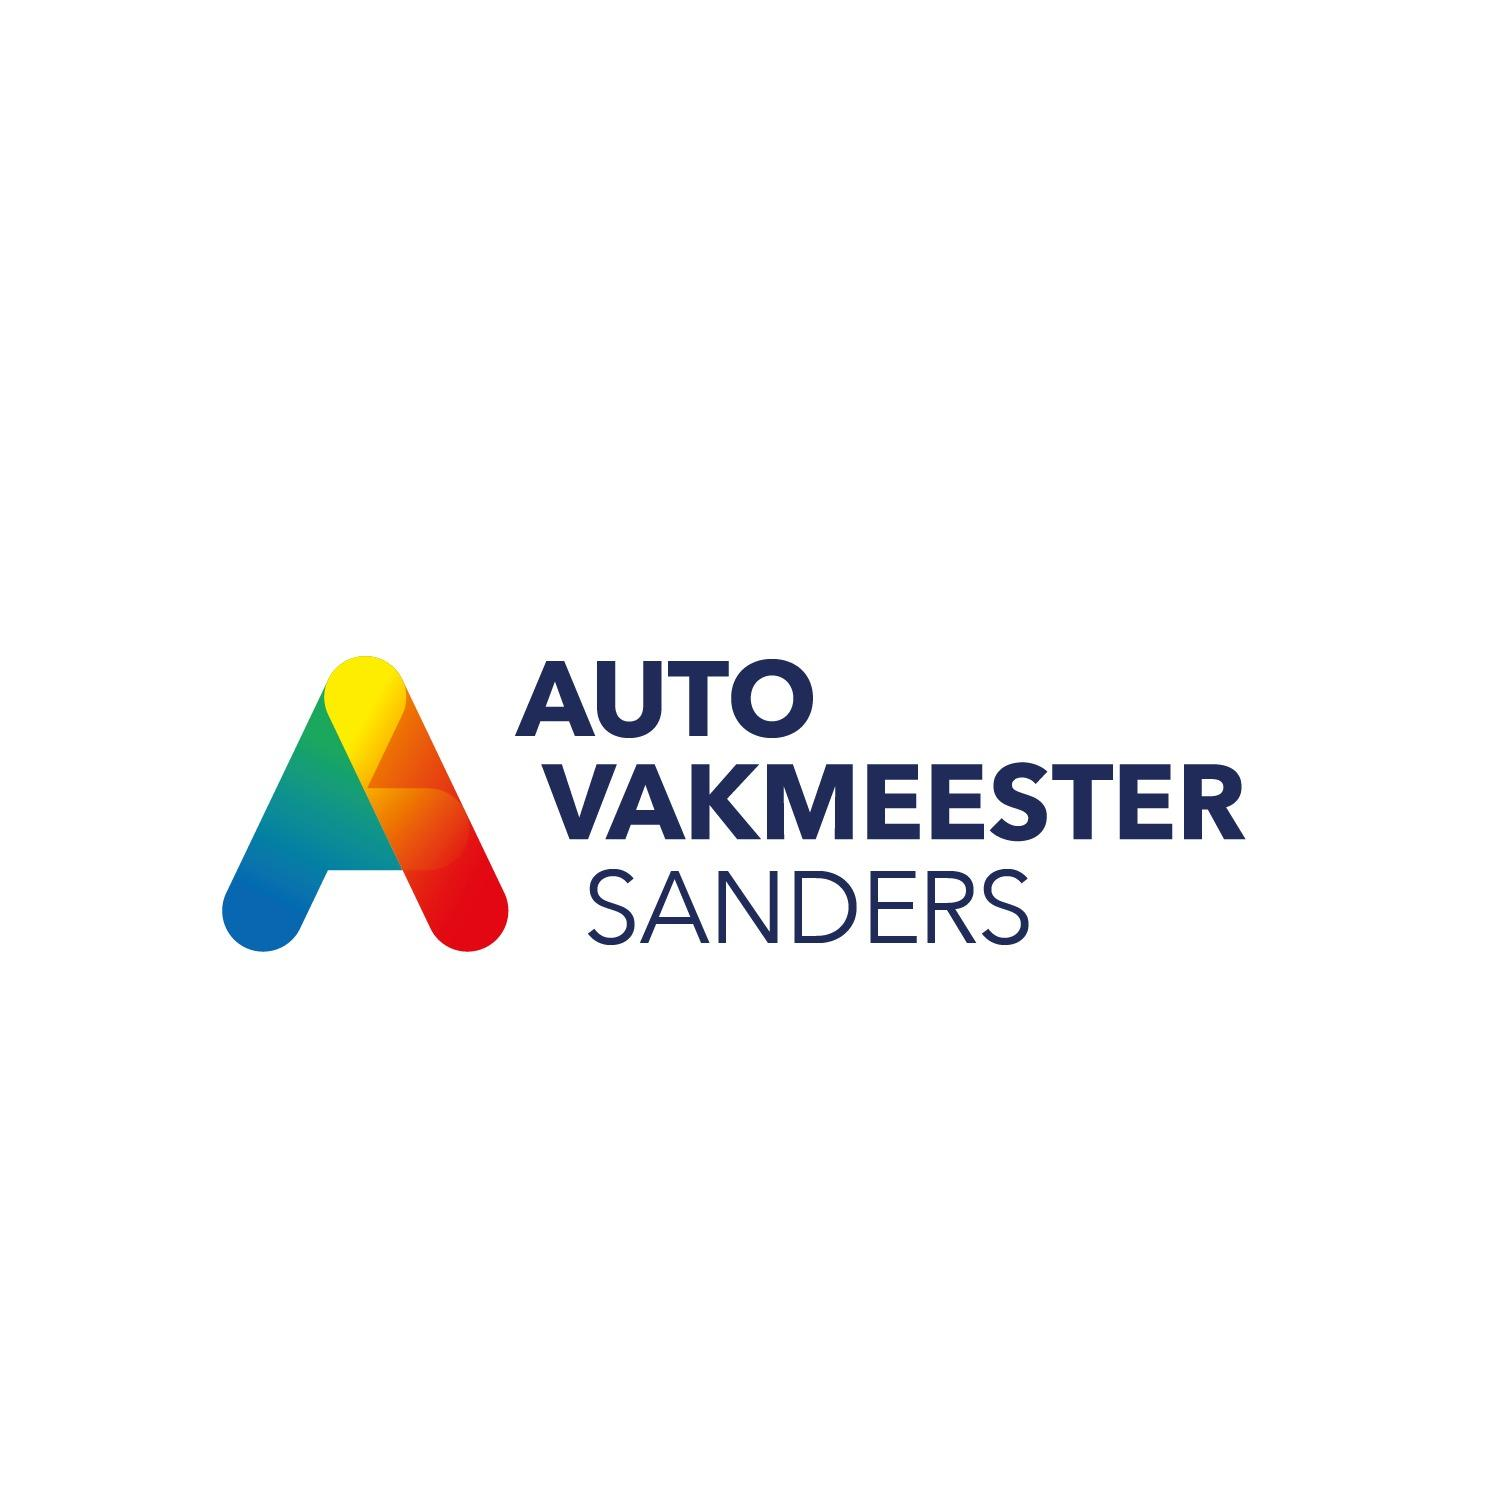 Autovakmeester Sanders